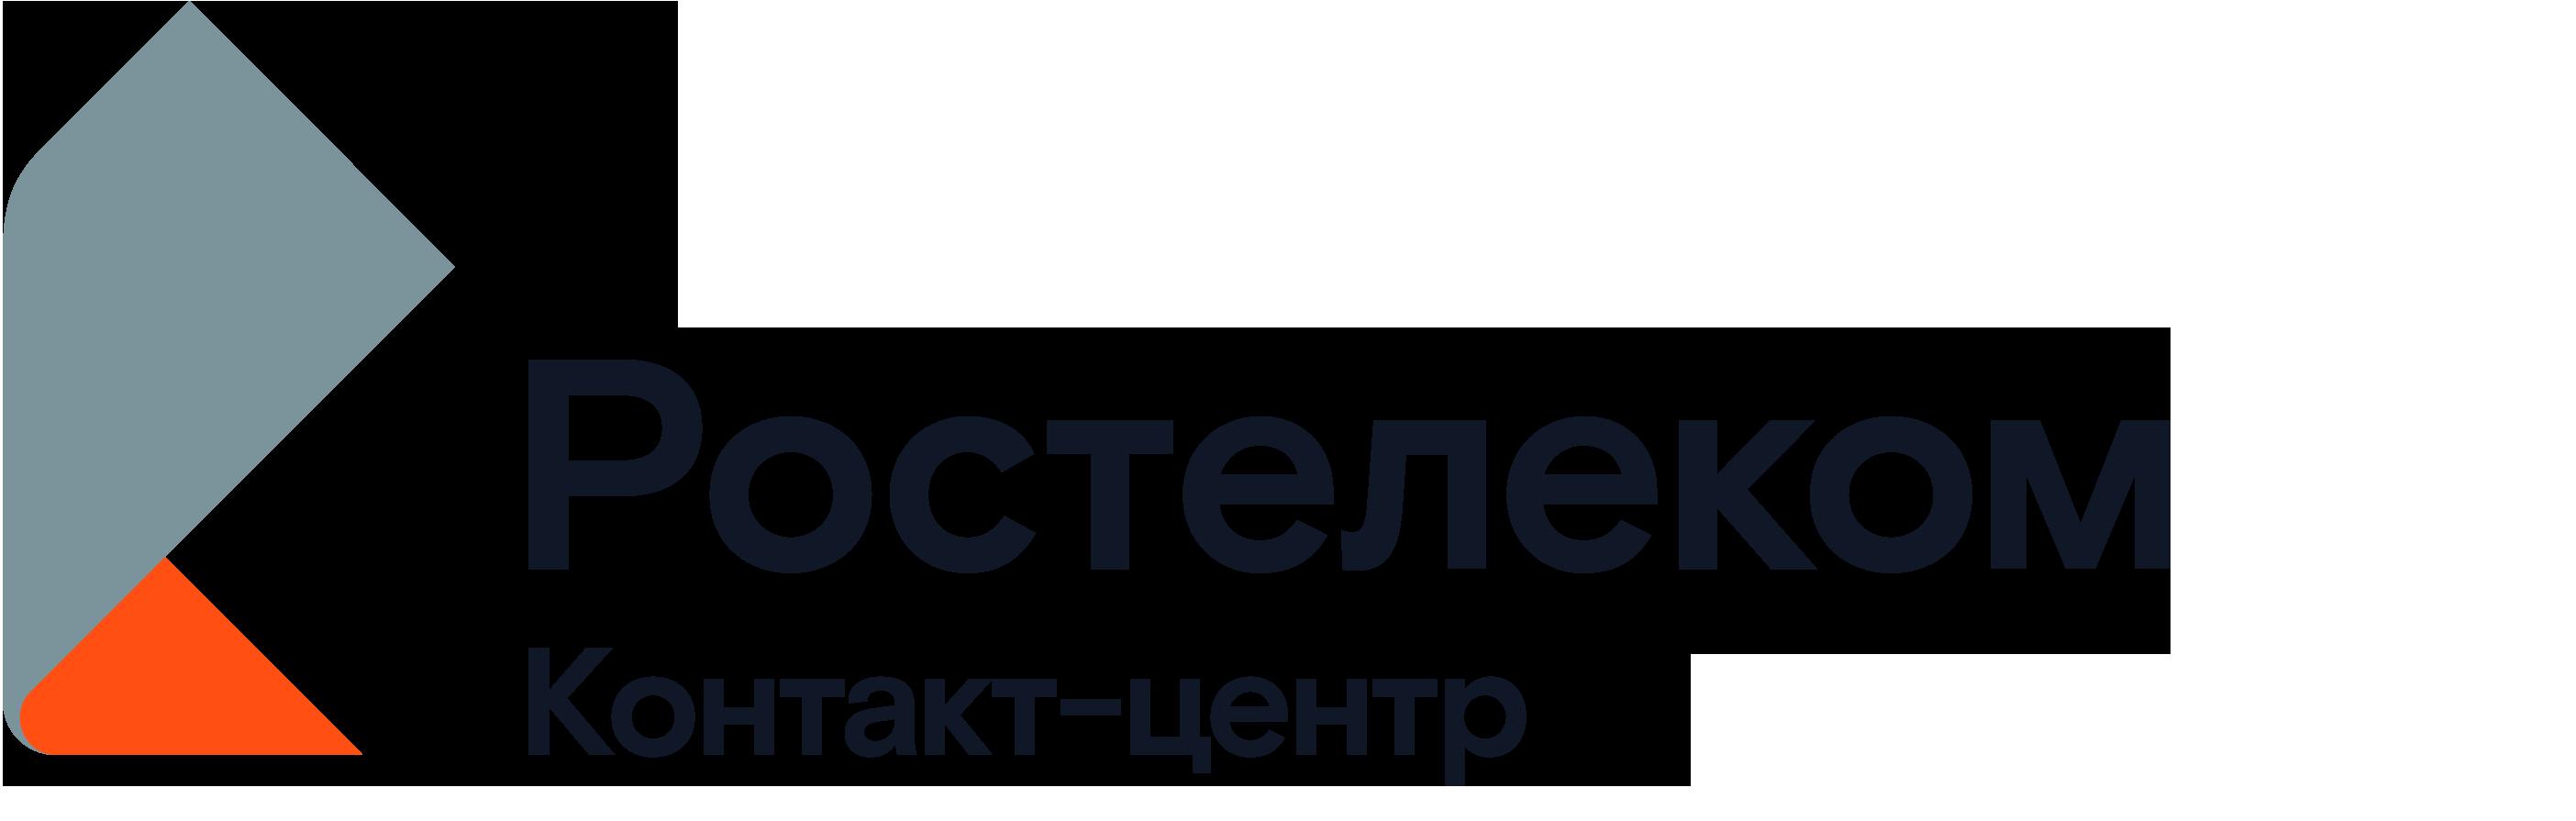 Работа в компании «МЦ НТТ Ростелеком Контакт - центр, ЗАО» в Челябинска